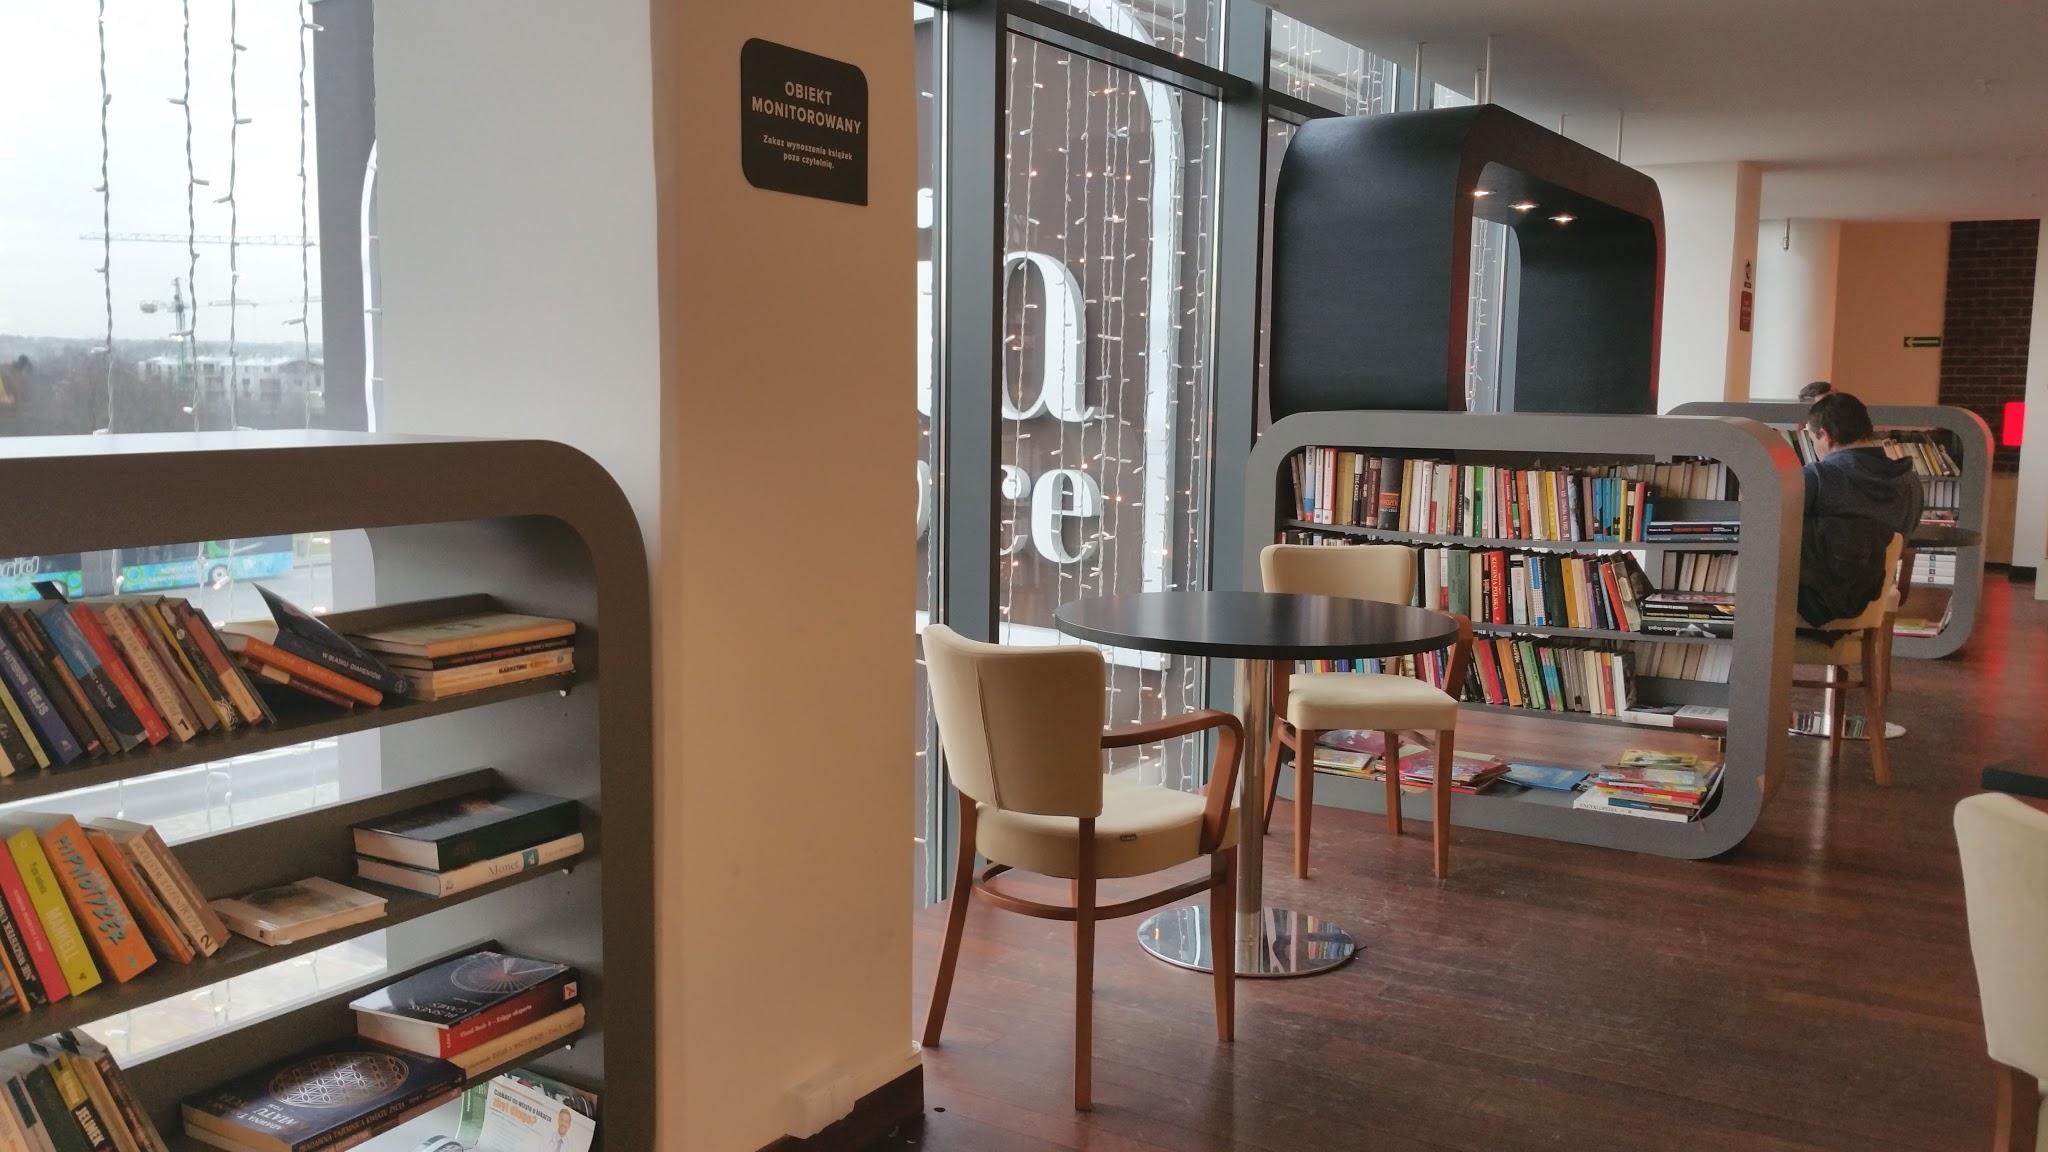 mikrobiblioteki lustrobiblioteki